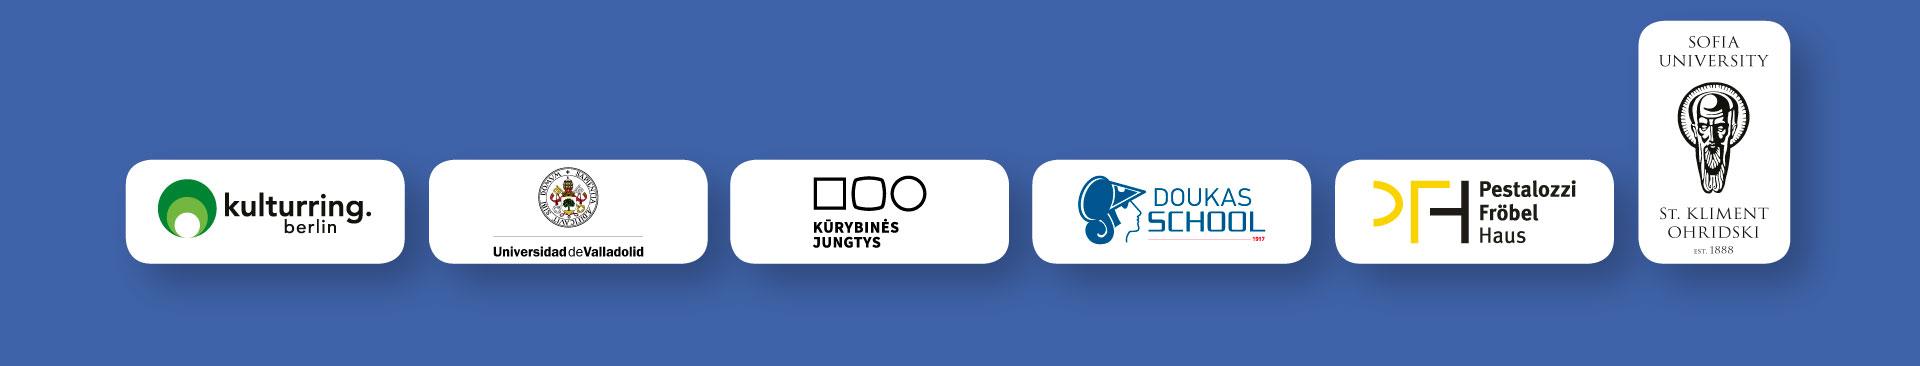 Grafik-mit-allen-Logos